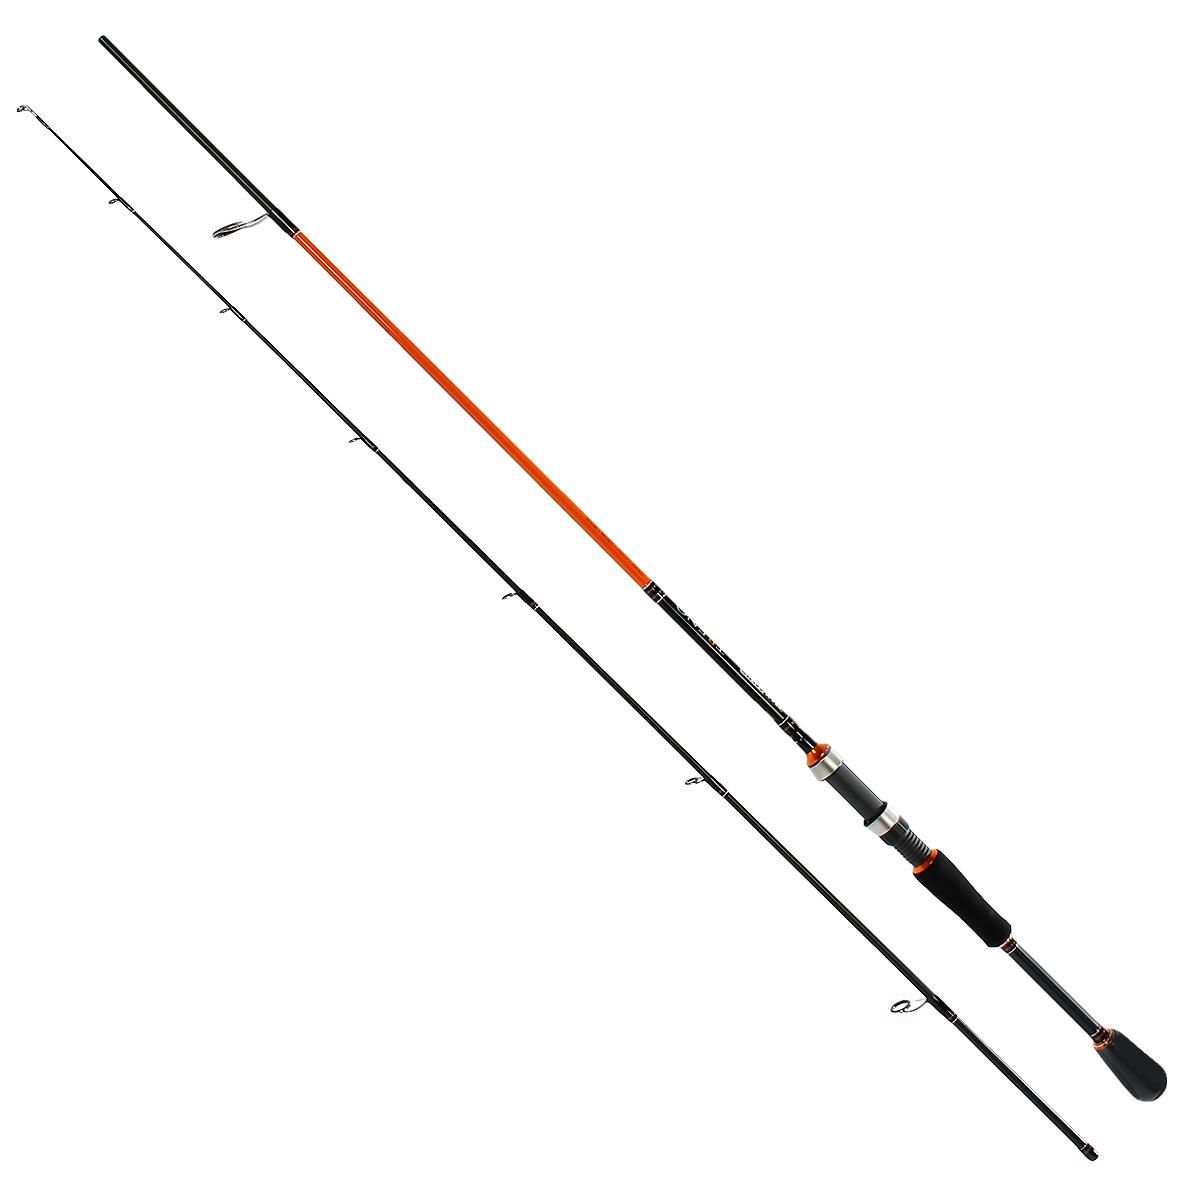 Удилище спиннинговое Team Salmo TRENO, 2,07 м, 4-18 гTSTR1-682FСерия спиннингов TRENO разработана специально для ловли хищной рыбы твичингом и на джиг-приманки. Бланки этой серии изготовлены из усовершенствованного высокомодульного графита 40T, обеспечивающего максимальную прочность, а также высокую чувствительность по всему заявленному тестовому диапазону. Строй бланков быстрый и экстра быстрый. Бланк в основании достаточно толстый, что дает преимущества не только при вываживании крупной рыбы, но и при рывковой проводке воблеров. Несмотря на относительно небольшую длину, спиннинги TRENO обладают отличными бросковыми характеристиками. Спиннинги укомплектованы пропускными кольцами Fuji K-guide со вставками SIC. Наклоненные колечки на вершинке - раннинги и противозахлестный тюльпан, не позволят запутаться за них в сильный ветер даже мягкому PE шнуру. В элегантной и практичной разнесенной рукоятке, из прочного материала EVA, установлен катушкодержатель VSS от Fuji с задней гайкой крепления. Материал ручек жесткий и приятный на ощупь.